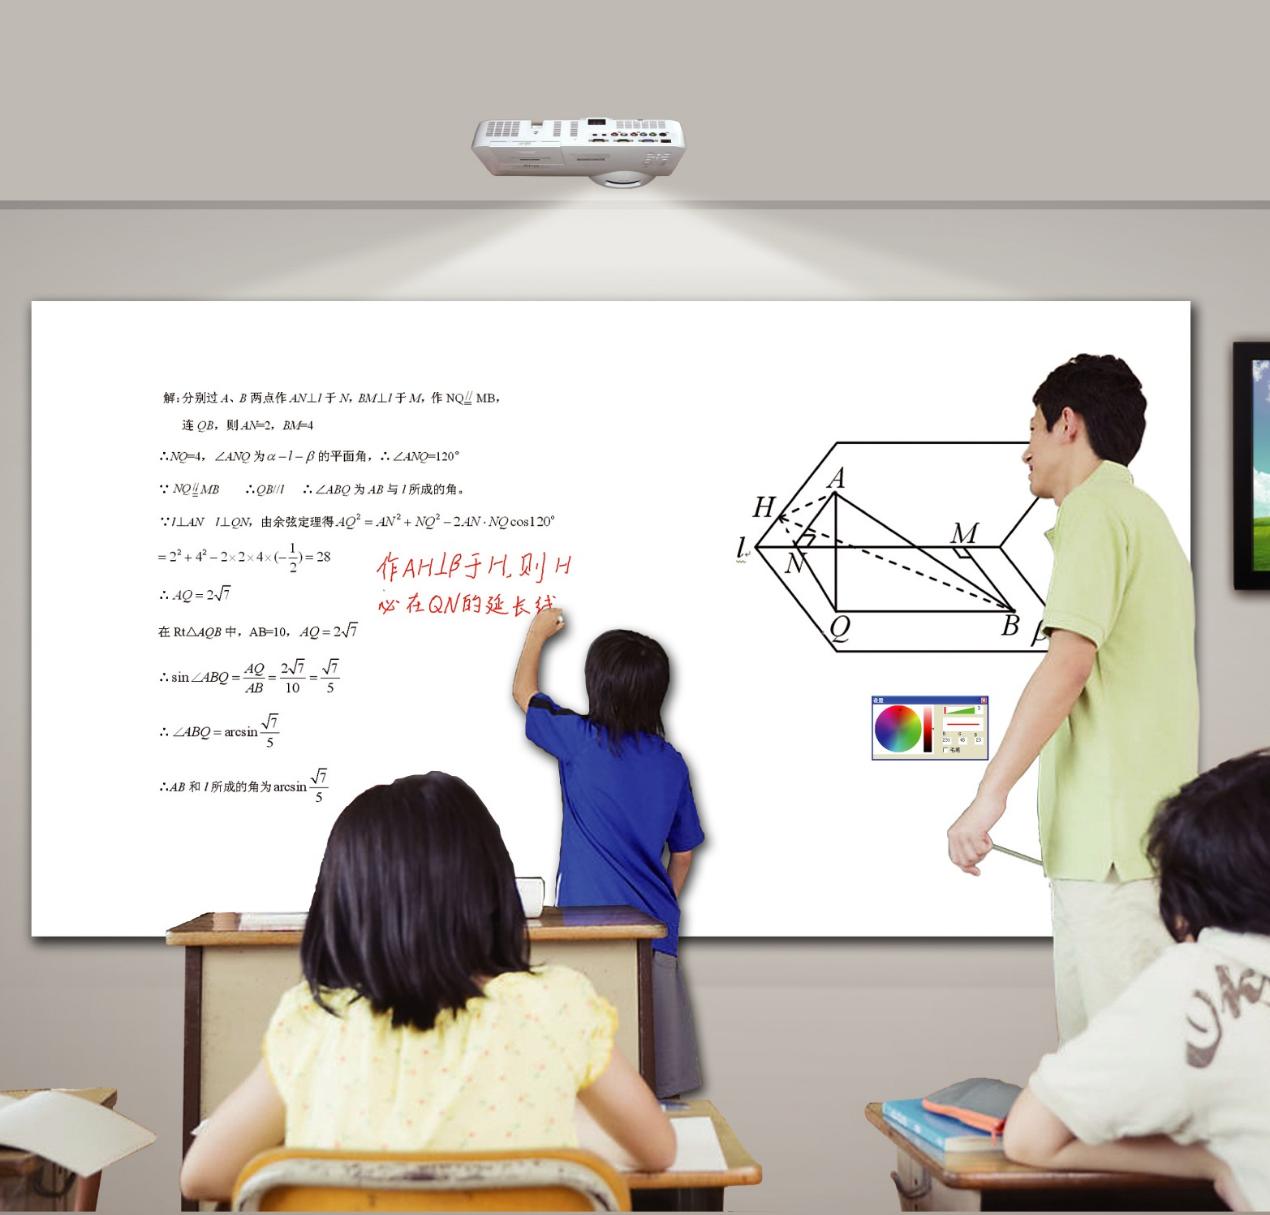 Точность портативная интерактивная доска ручка управление Чувствительная Интерактивная камера сенсор устройство для школы умный класс обучение